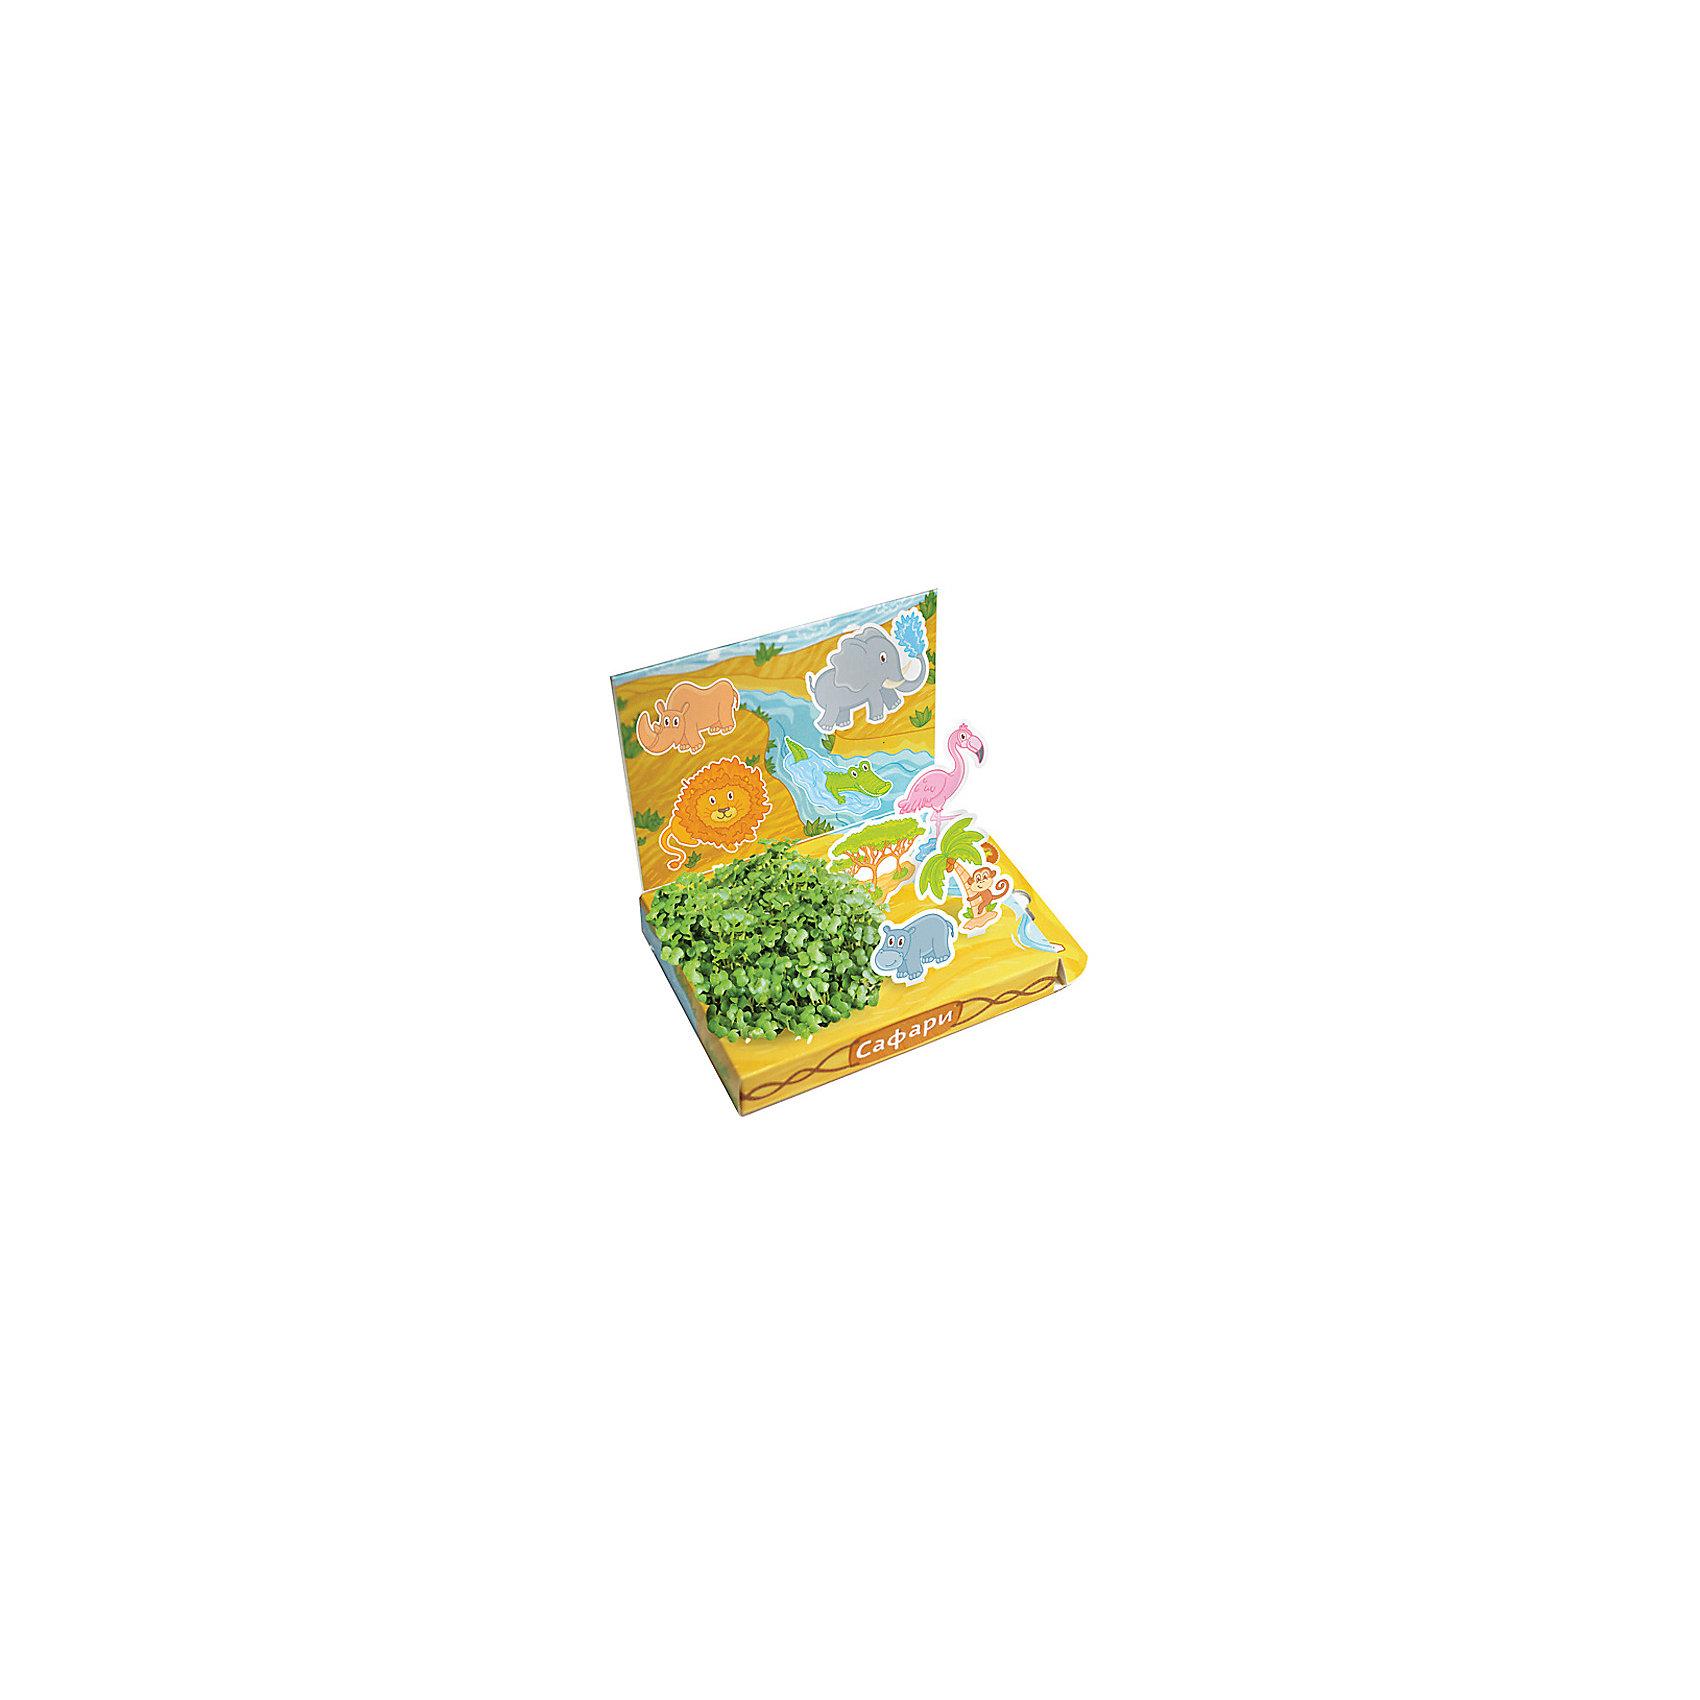 Набор для выращивания Сафари, Happy PlantВыращивание растений<br>Детский развивающий набор для выращивания Сафари, Happy Plant.<br><br>Характеристики:<br><br>• возможность вырастить настоящую травку, не выходя из дома<br>• прост в использовании<br>• подходит в качестве подарка<br>• безопасные материалы<br>• гарантия качества<br>• в комплекте: наклейки, 3 фигурки, семена, контейнер для растений, агроткань<br>• размер упаковки: 15х11х2,5 см<br>• вес: 30 грамм<br><br>Набор для выращивания Сафари станет прекрасным подарком для ребенка. В процессе игры ребенок научит названия некоторых животных, научится выращивать растения и ухаживать за ними. Семена растут на специальной агроткани, их требует поливать каждый день. Через несколько дней контейнер с фигурками будет украшен красивым мини-садиком. Этот набор отлично подойдет для знакомства с живой природой!<br><br>Детский развивающий набор для выращивания Сафари, Happy Plant вы можете купить в нашем интернет-магазине.<br><br>Ширина мм: 175<br>Глубина мм: 115<br>Высота мм: 25<br>Вес г: 30<br>Возраст от месяцев: 168<br>Возраст до месяцев: 240<br>Пол: Унисекс<br>Возраст: Детский<br>SKU: 5053964